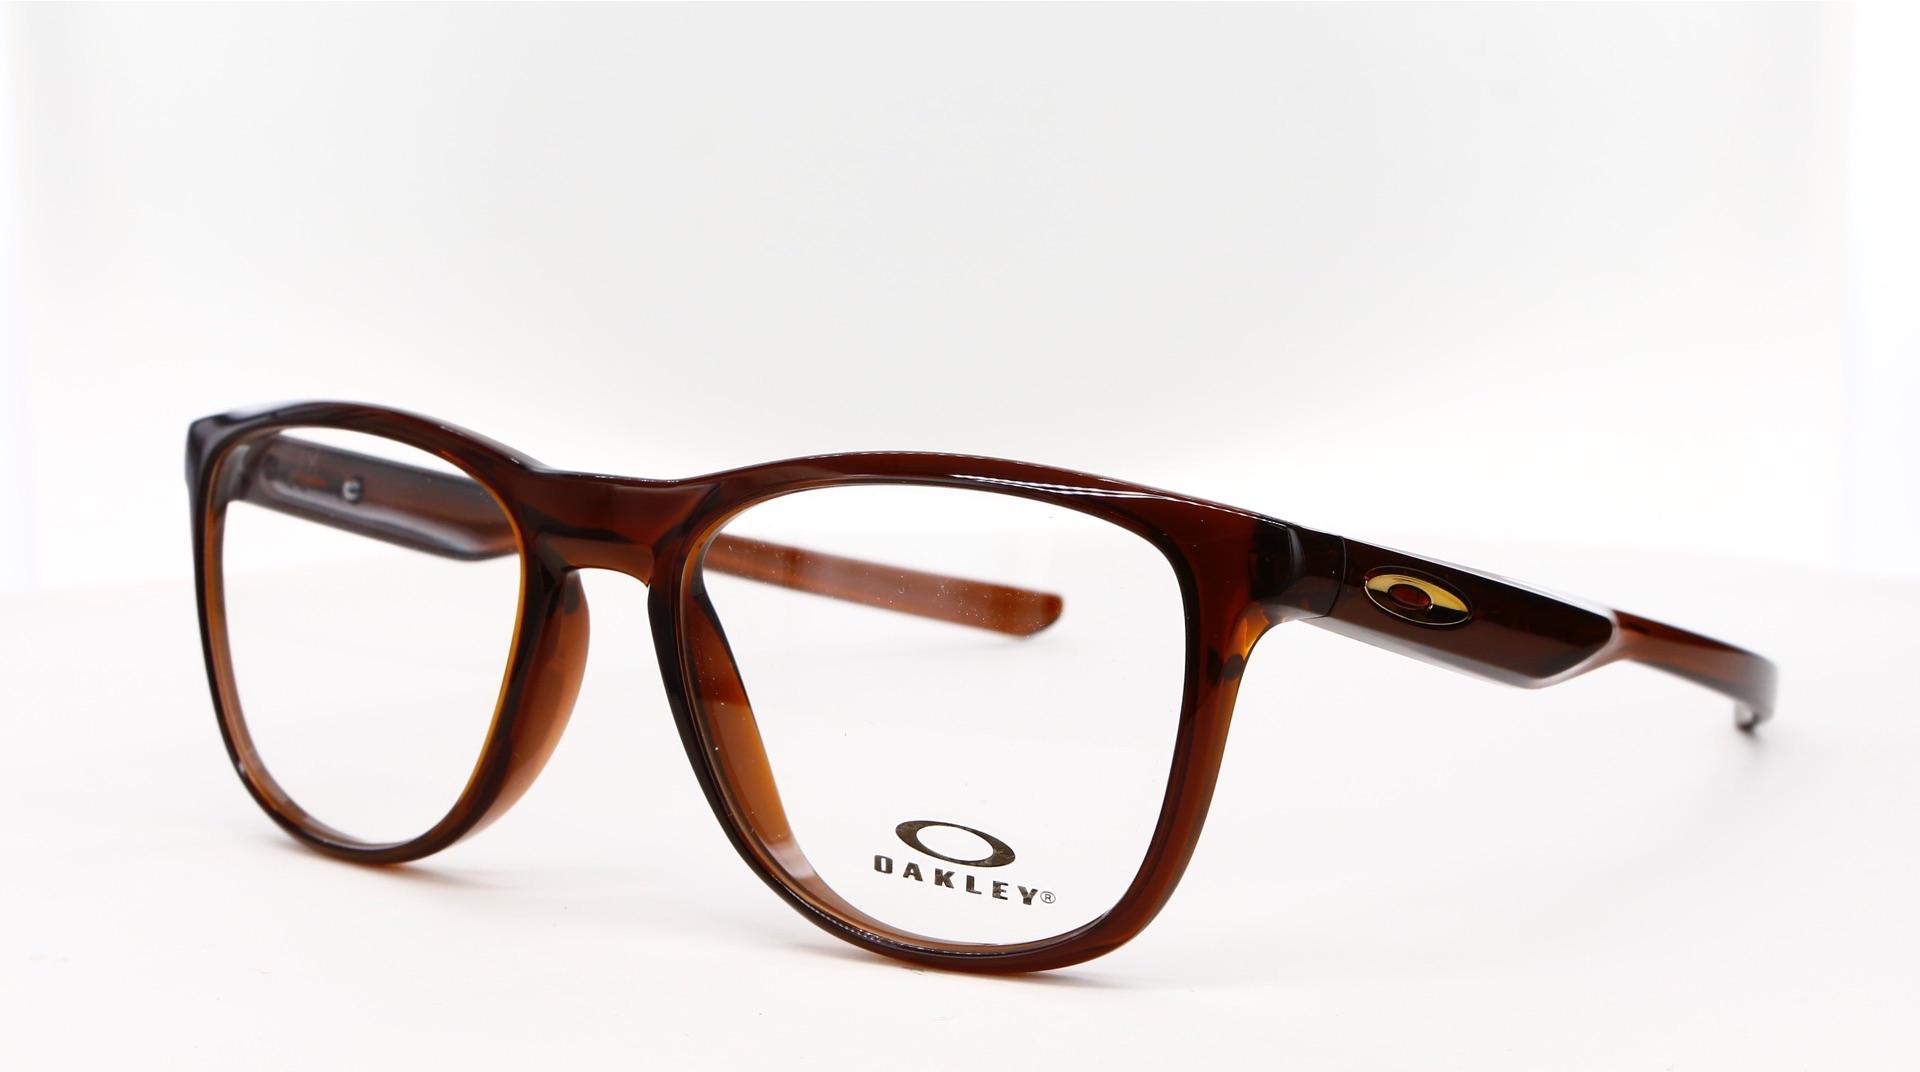 Oakley - ref: 78527